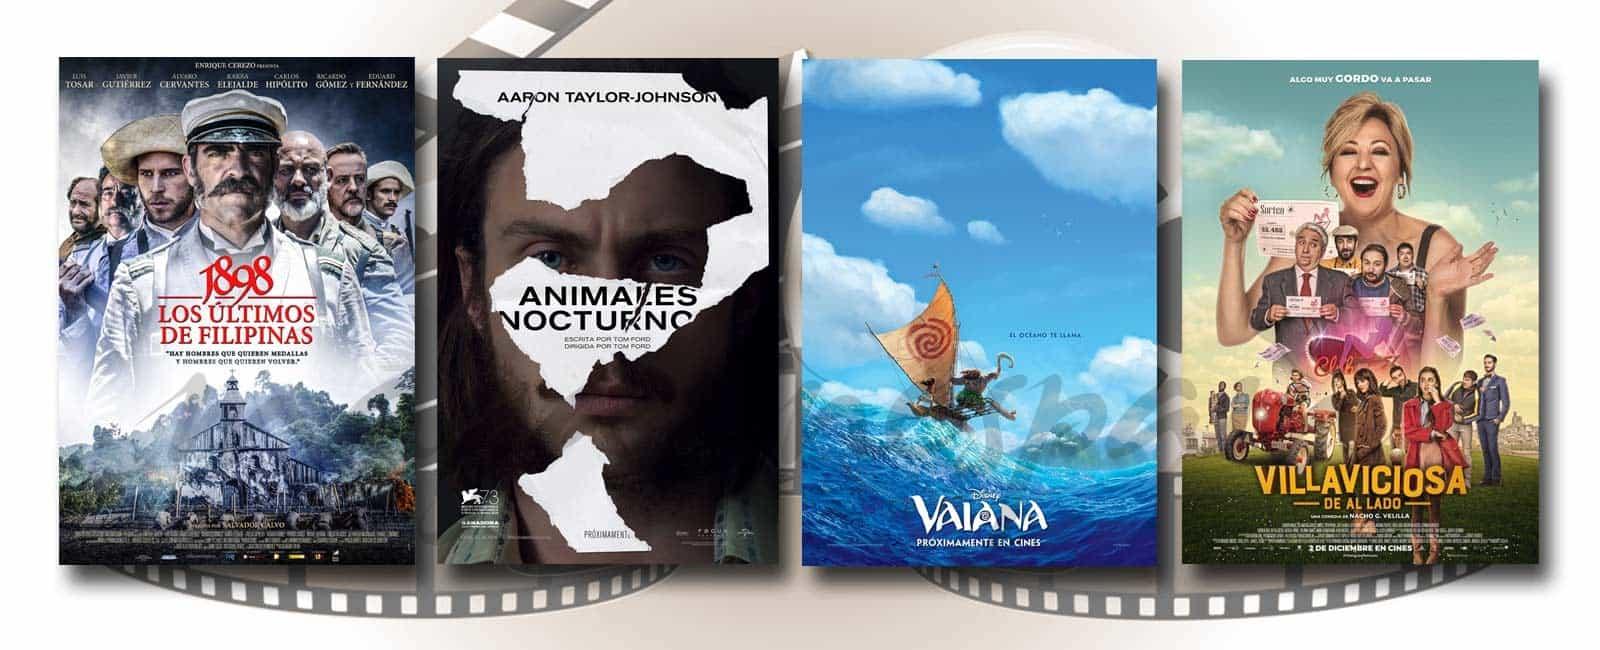 Estrenos de Cine de la Semana… 2 de Diciembre 2016